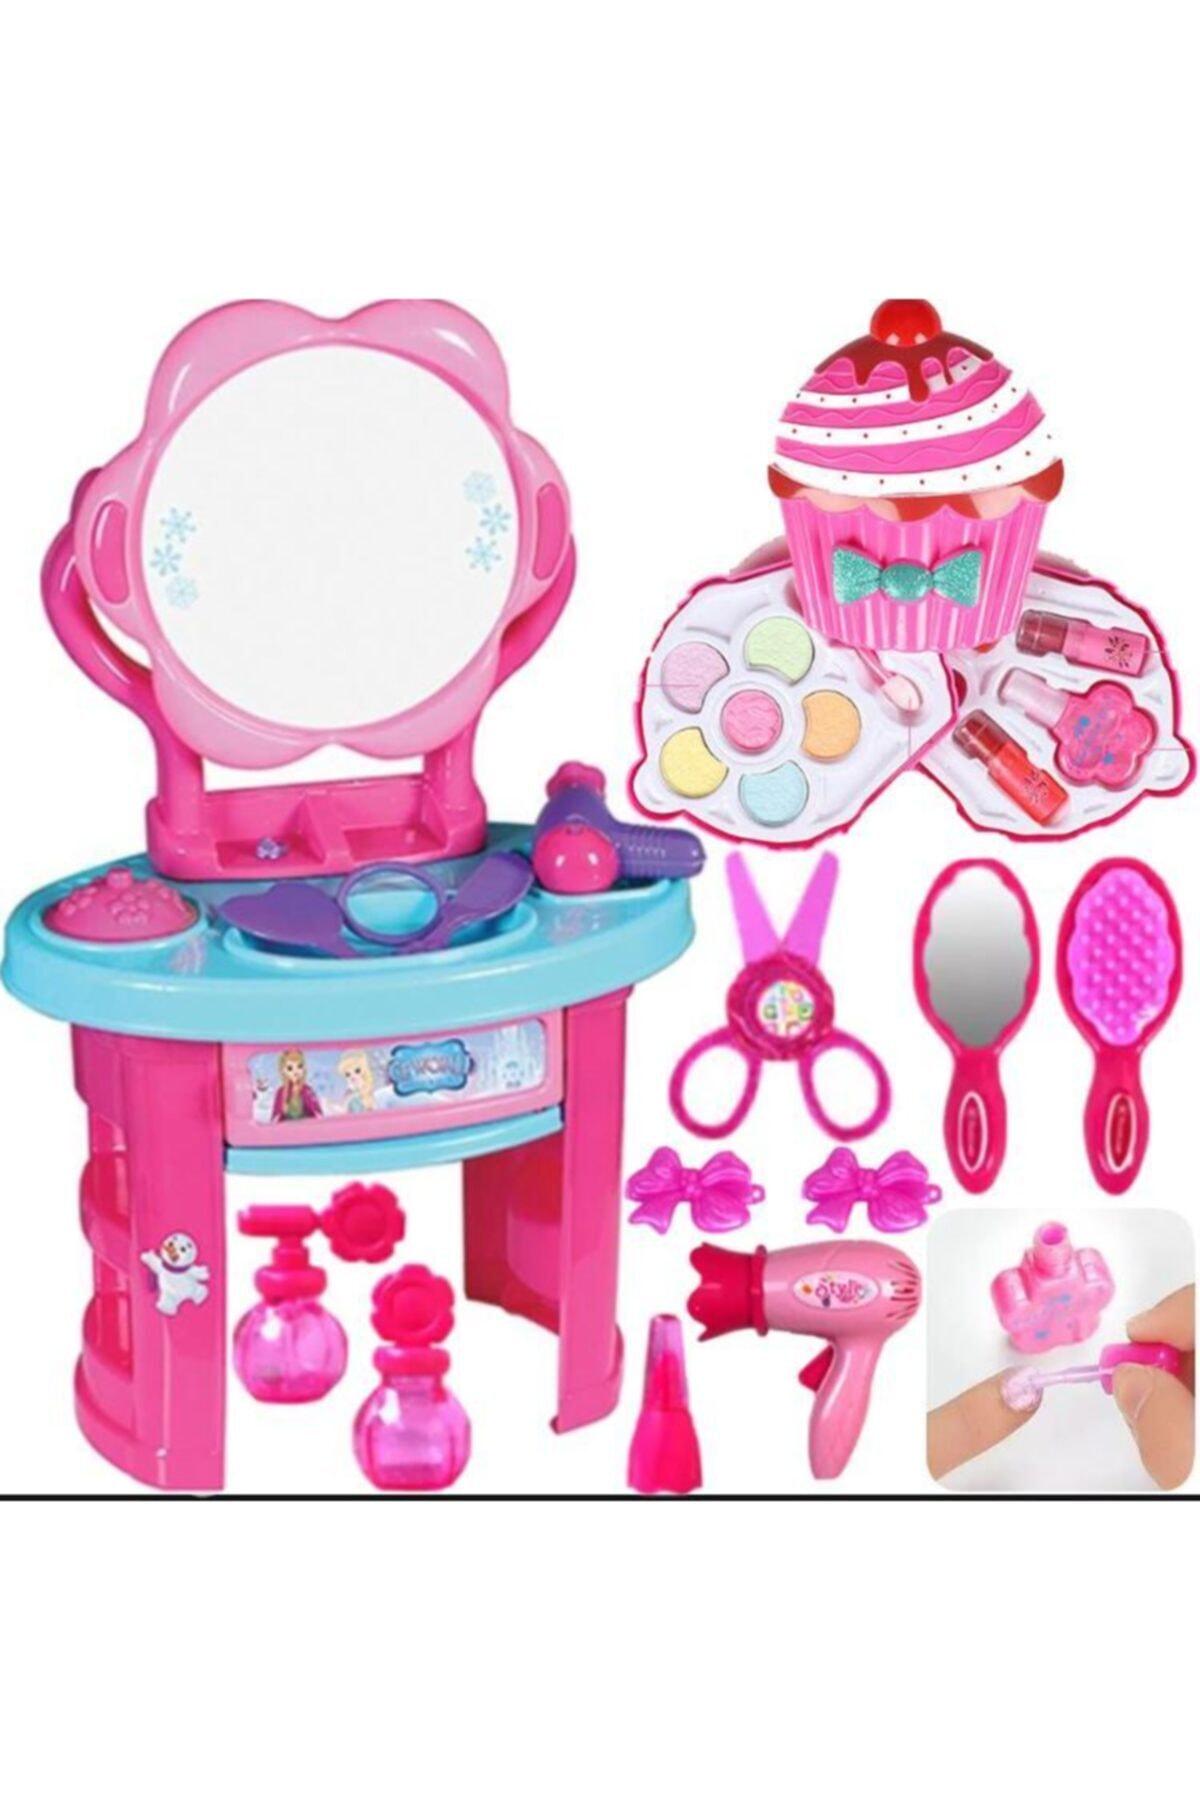 Aynalı Aksesuarlı Prenses Makyaj Masası + Cupcake Sürülebilir Makyaj Seti Kız Çocuk Evcilik Oyuncak